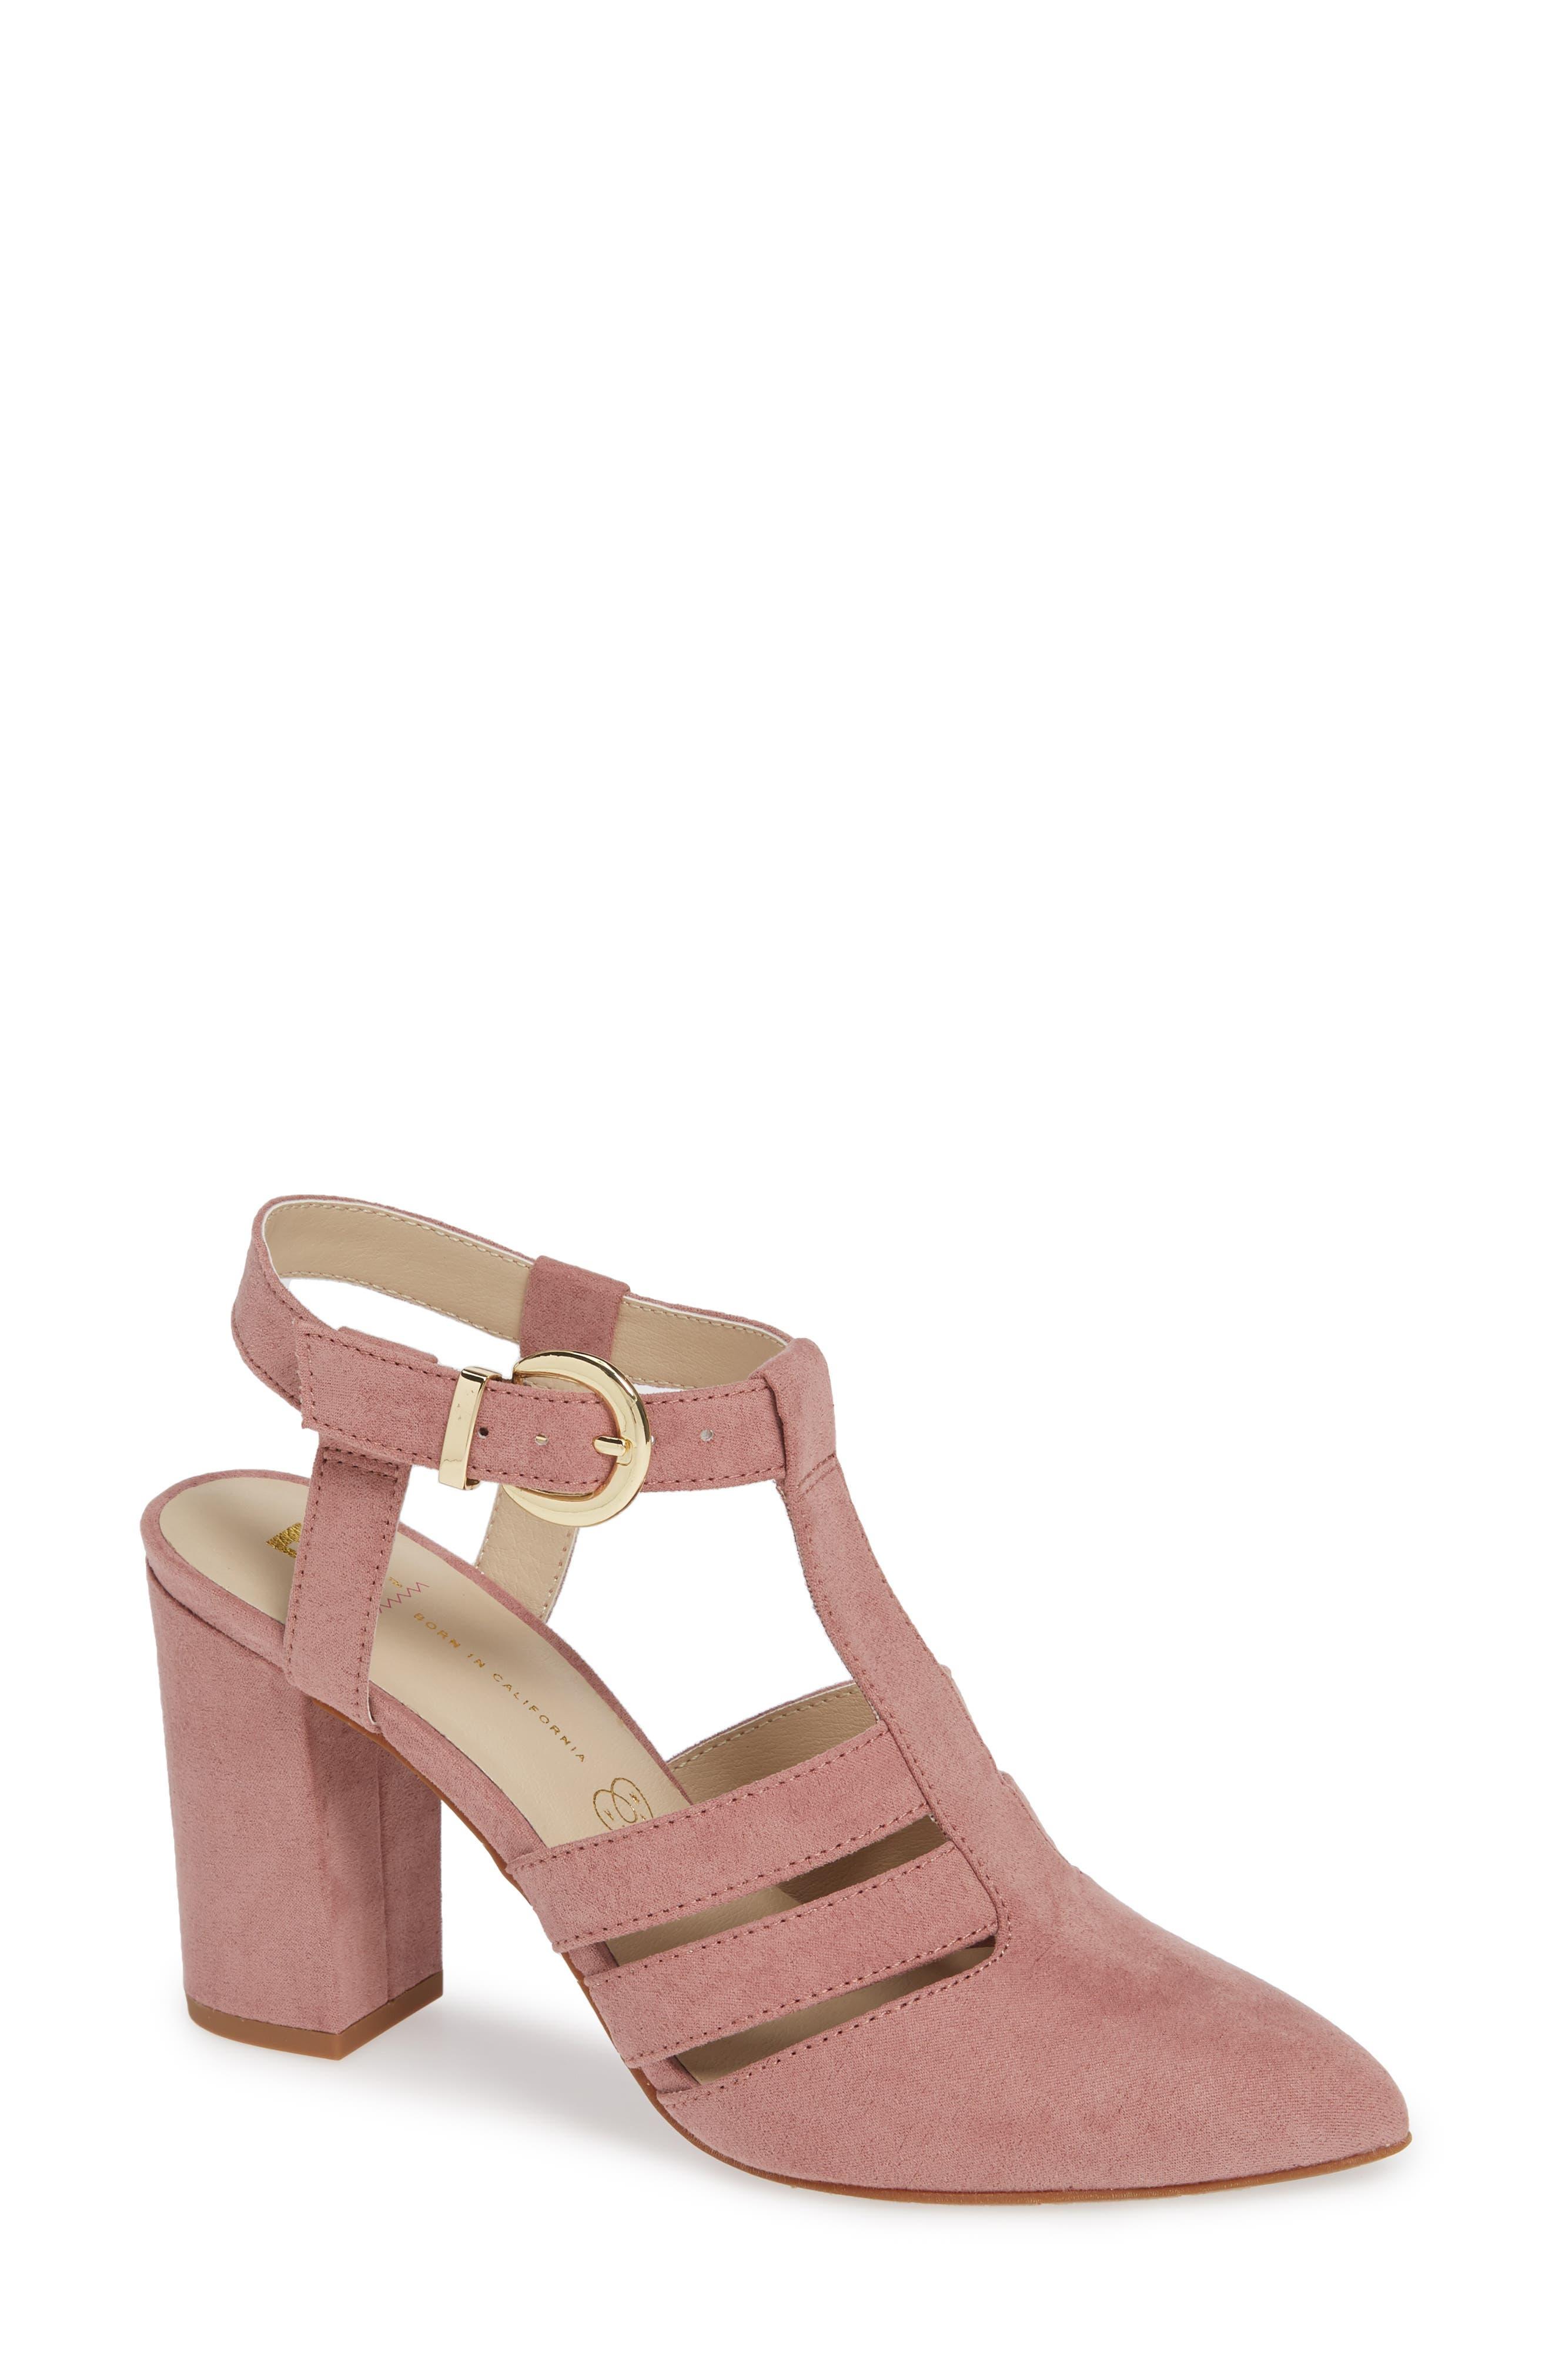 Bc Footwear Terrace Vegan Pump- Pink